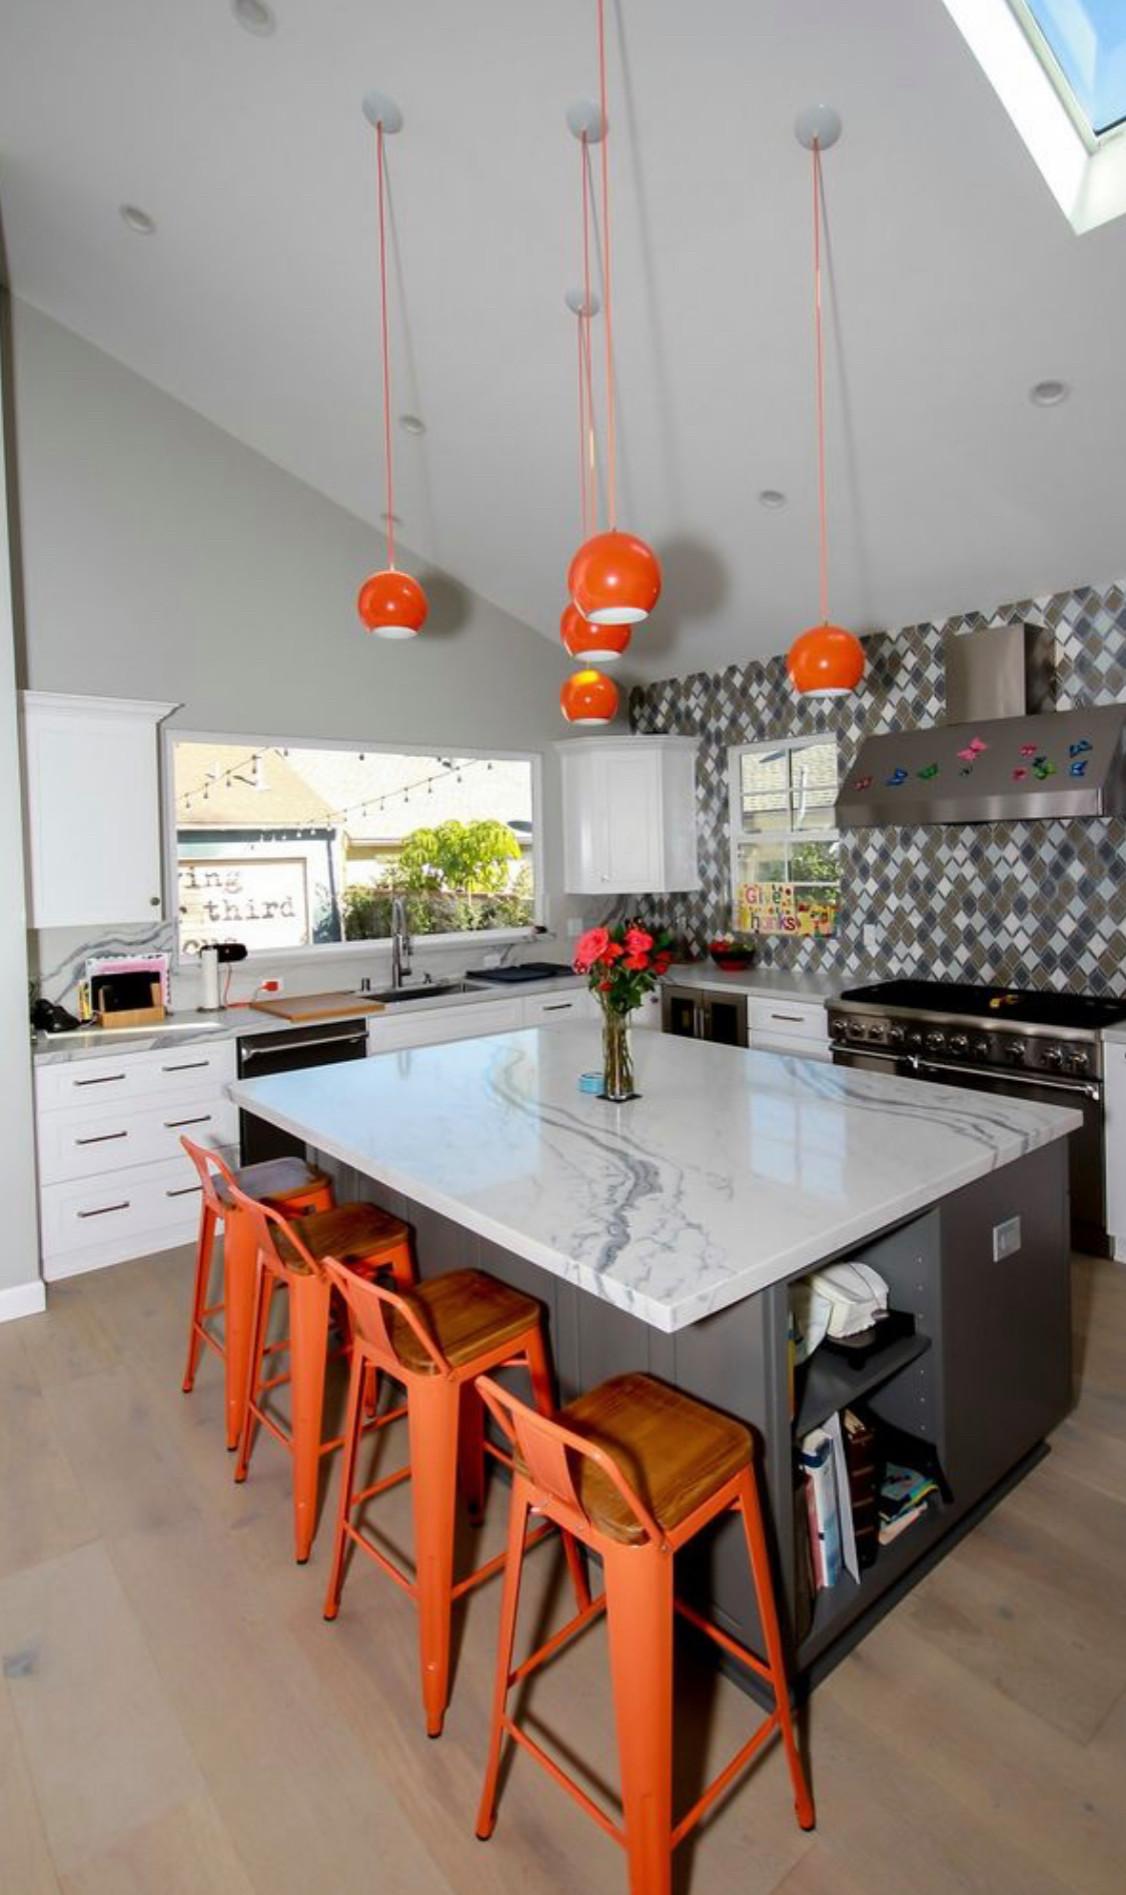 Kitchen remodeling in Malibu